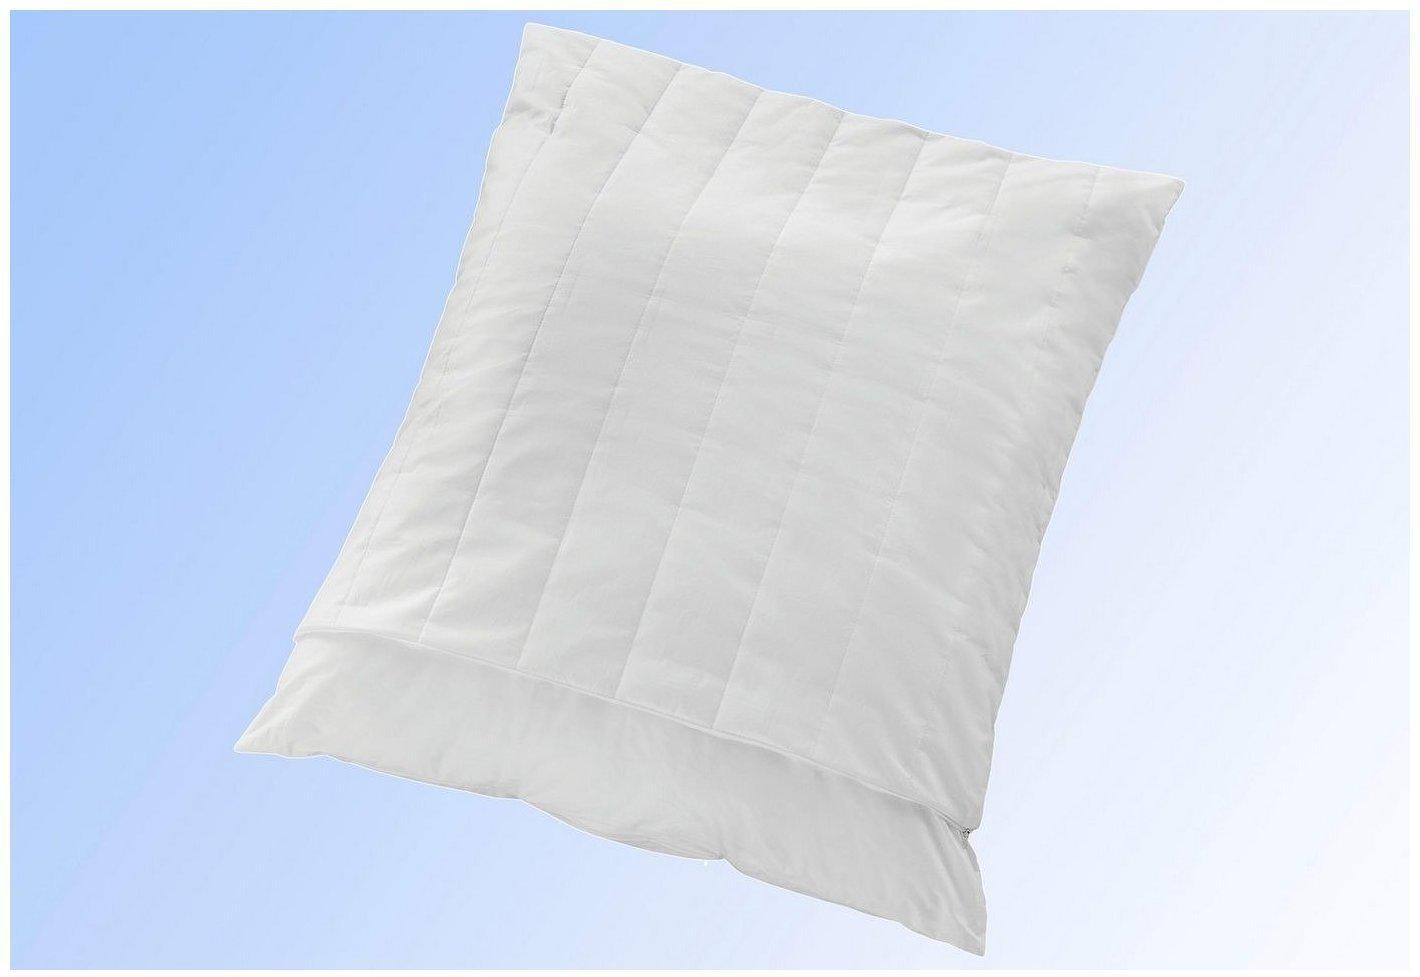 kopfkissen 80x80 test gebrauchte kleiderschr nke wei online bestellen schlafzimmer lampe mit. Black Bedroom Furniture Sets. Home Design Ideas